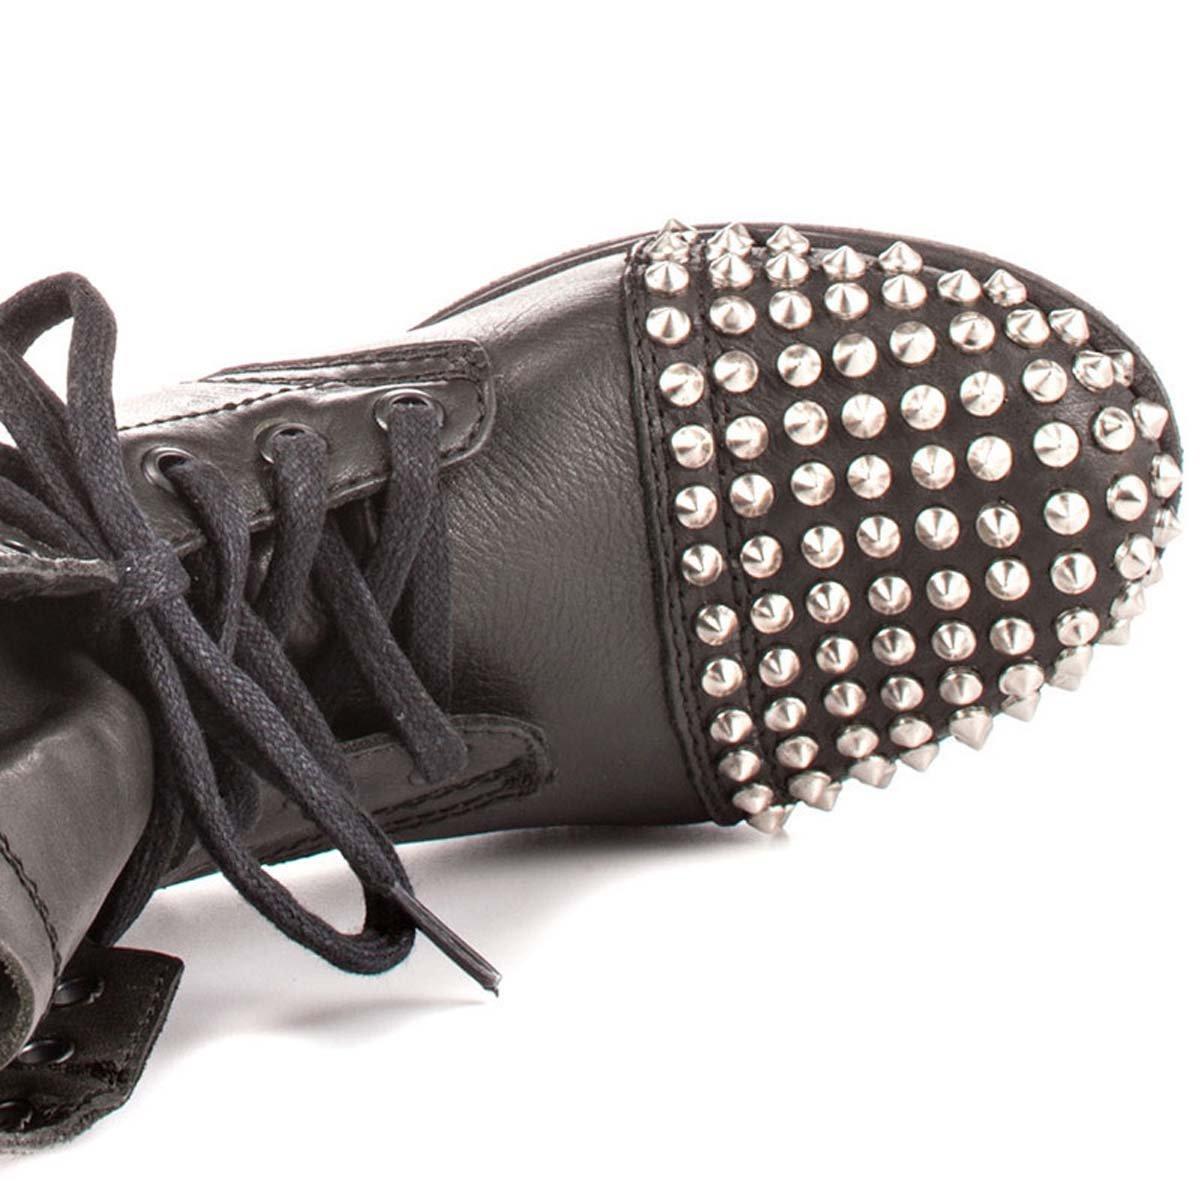 GONGFF Große Frauen Schwarze Niet Kurze Stiefel Flachen Boden Stiefeletten Große GONGFF Größe Frauen Schuhe 219a38